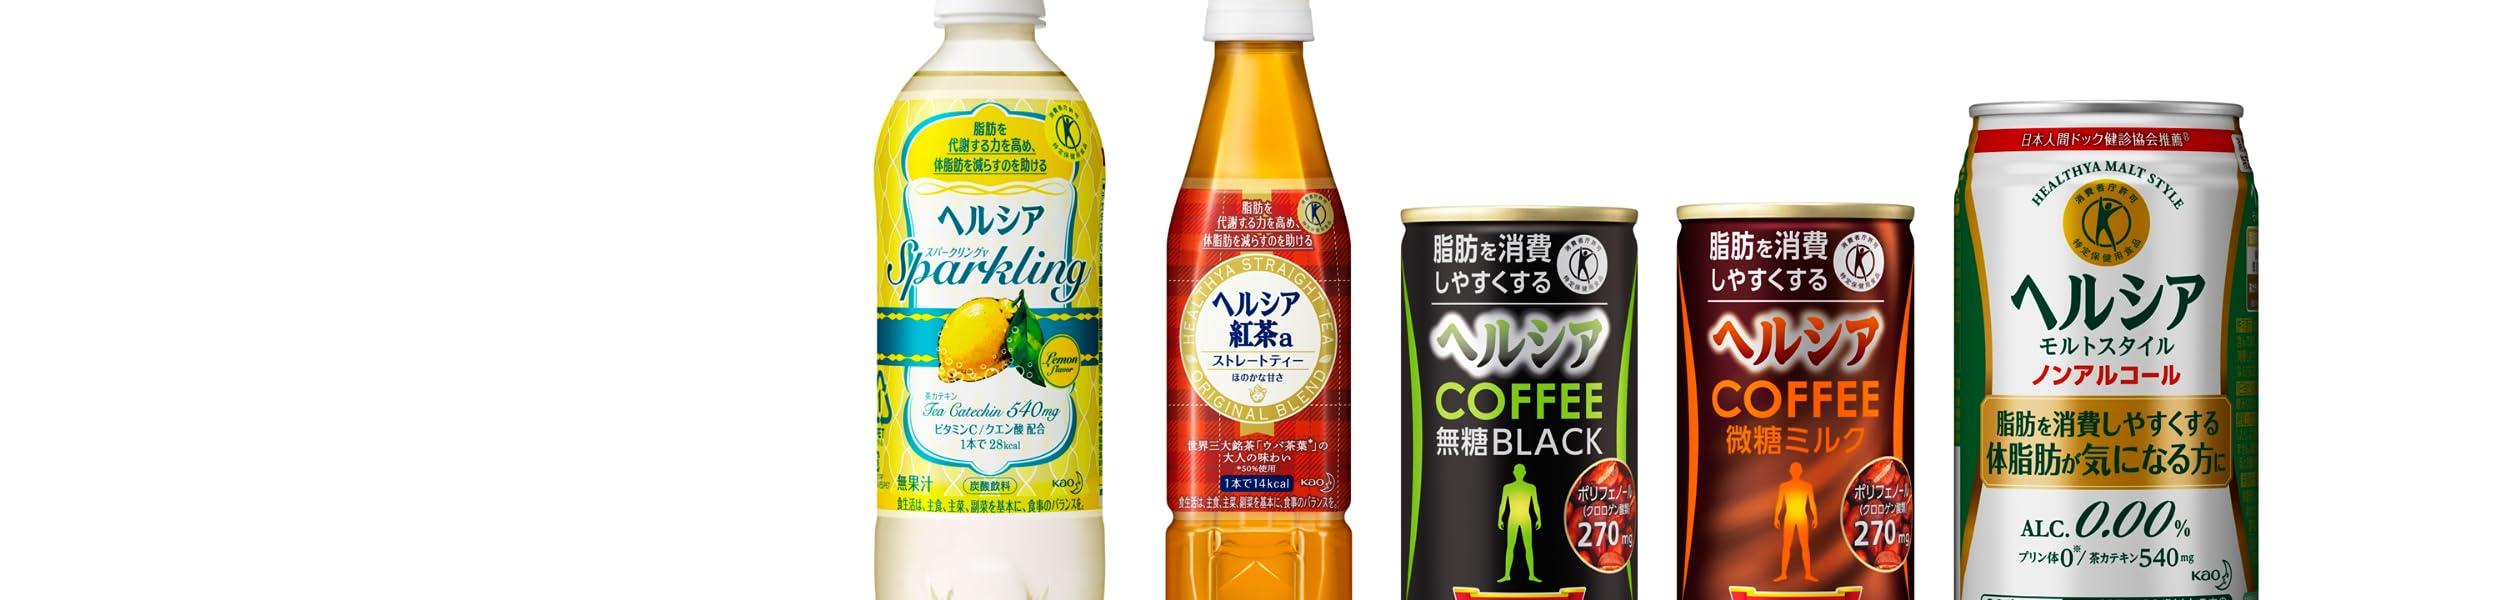 花王対象商品が3品以上購入で25%OFF